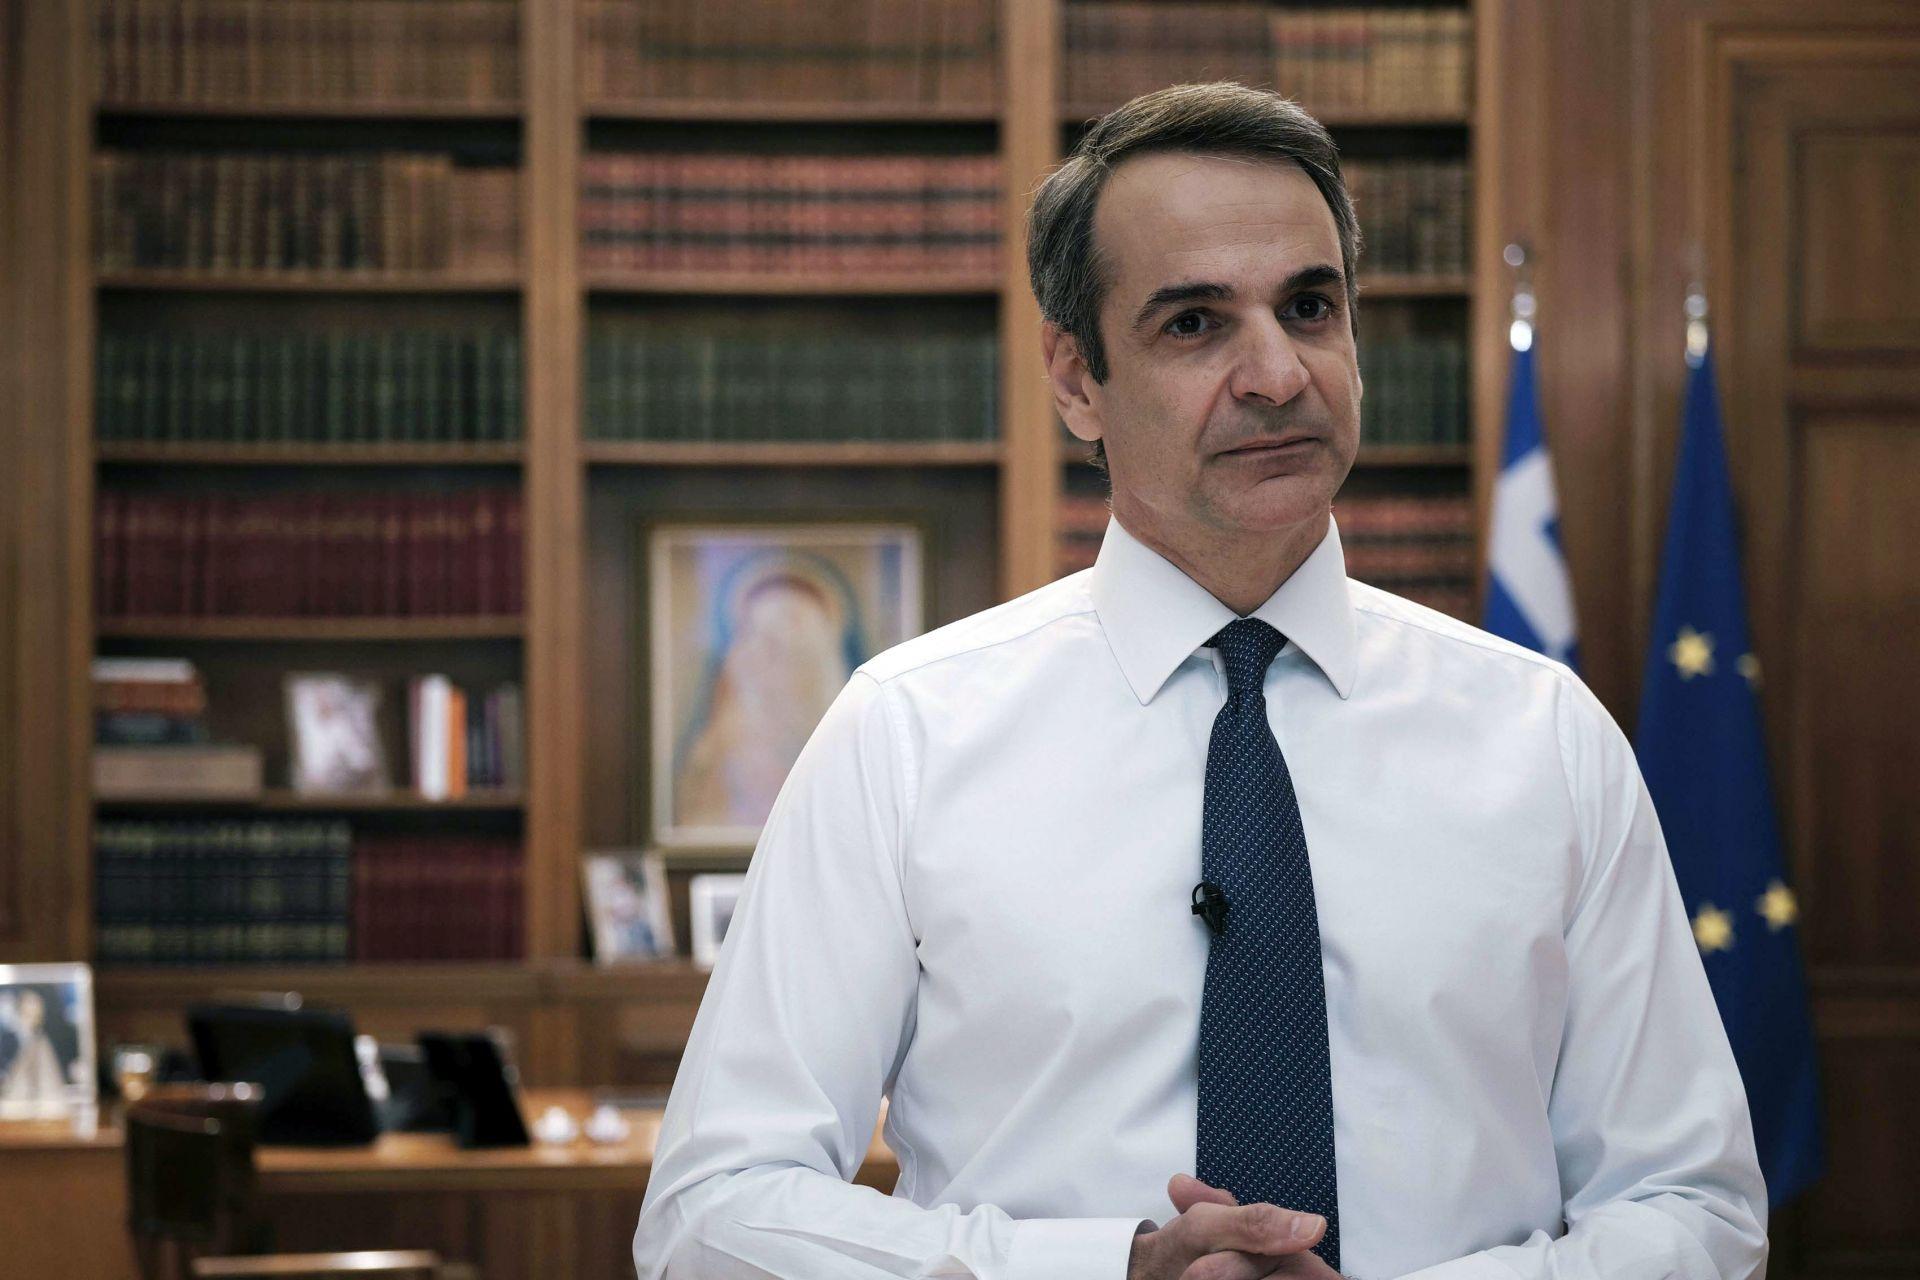 Гръцкият премиер Кириакос Мицотакис обяви график с хоризонт от два месеца, на основата на който ще бъдат постепенно облекчавани строгите ограничителни мерки